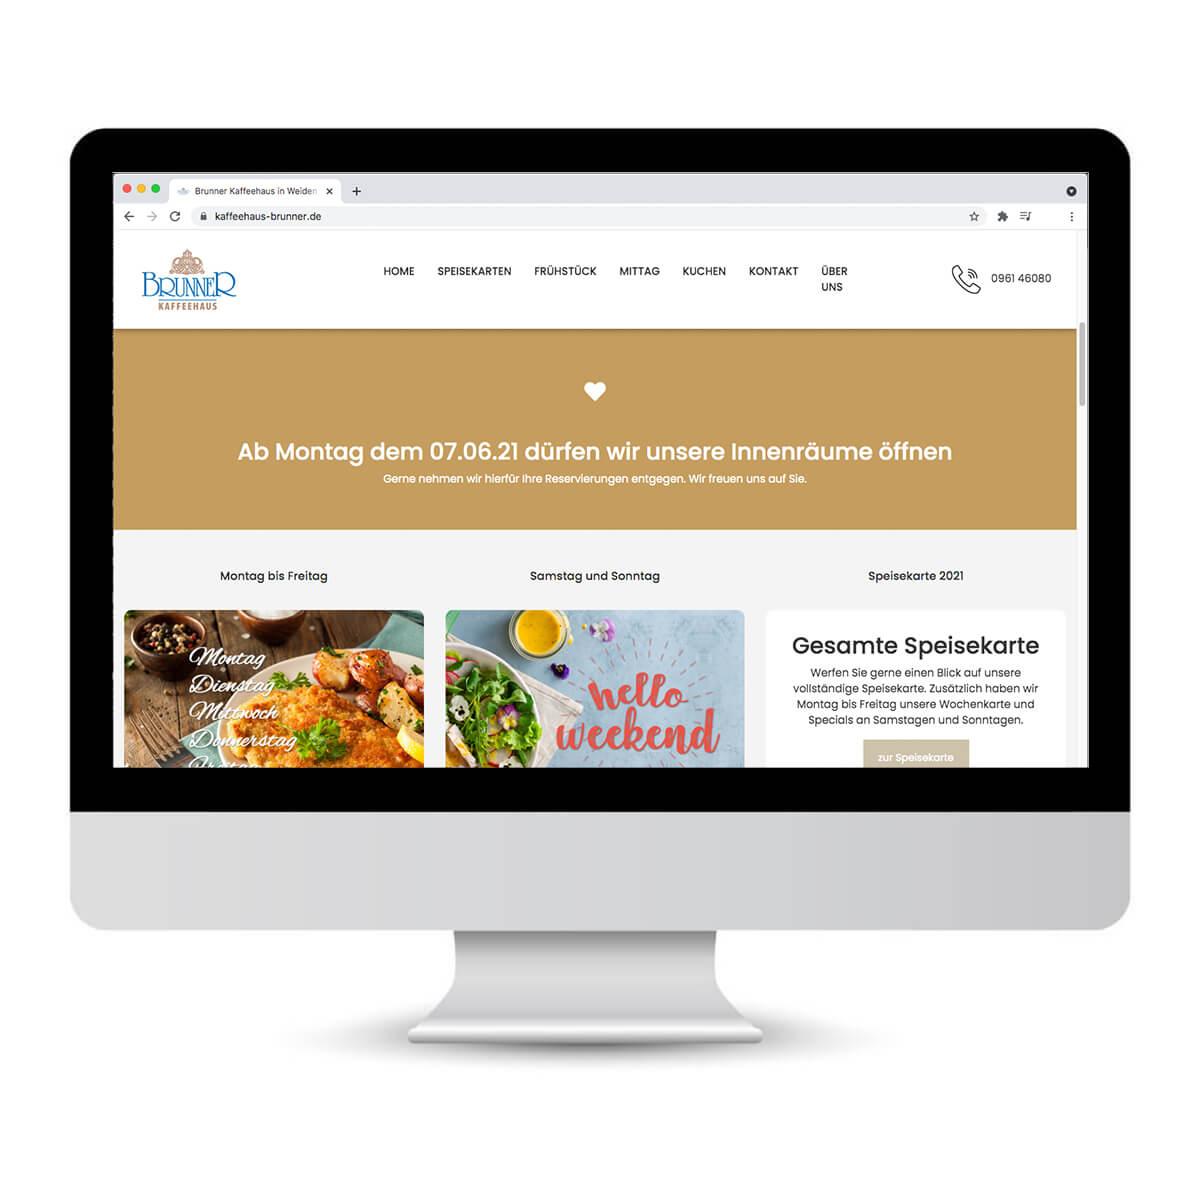 KaffeehausBrunner_Web-2